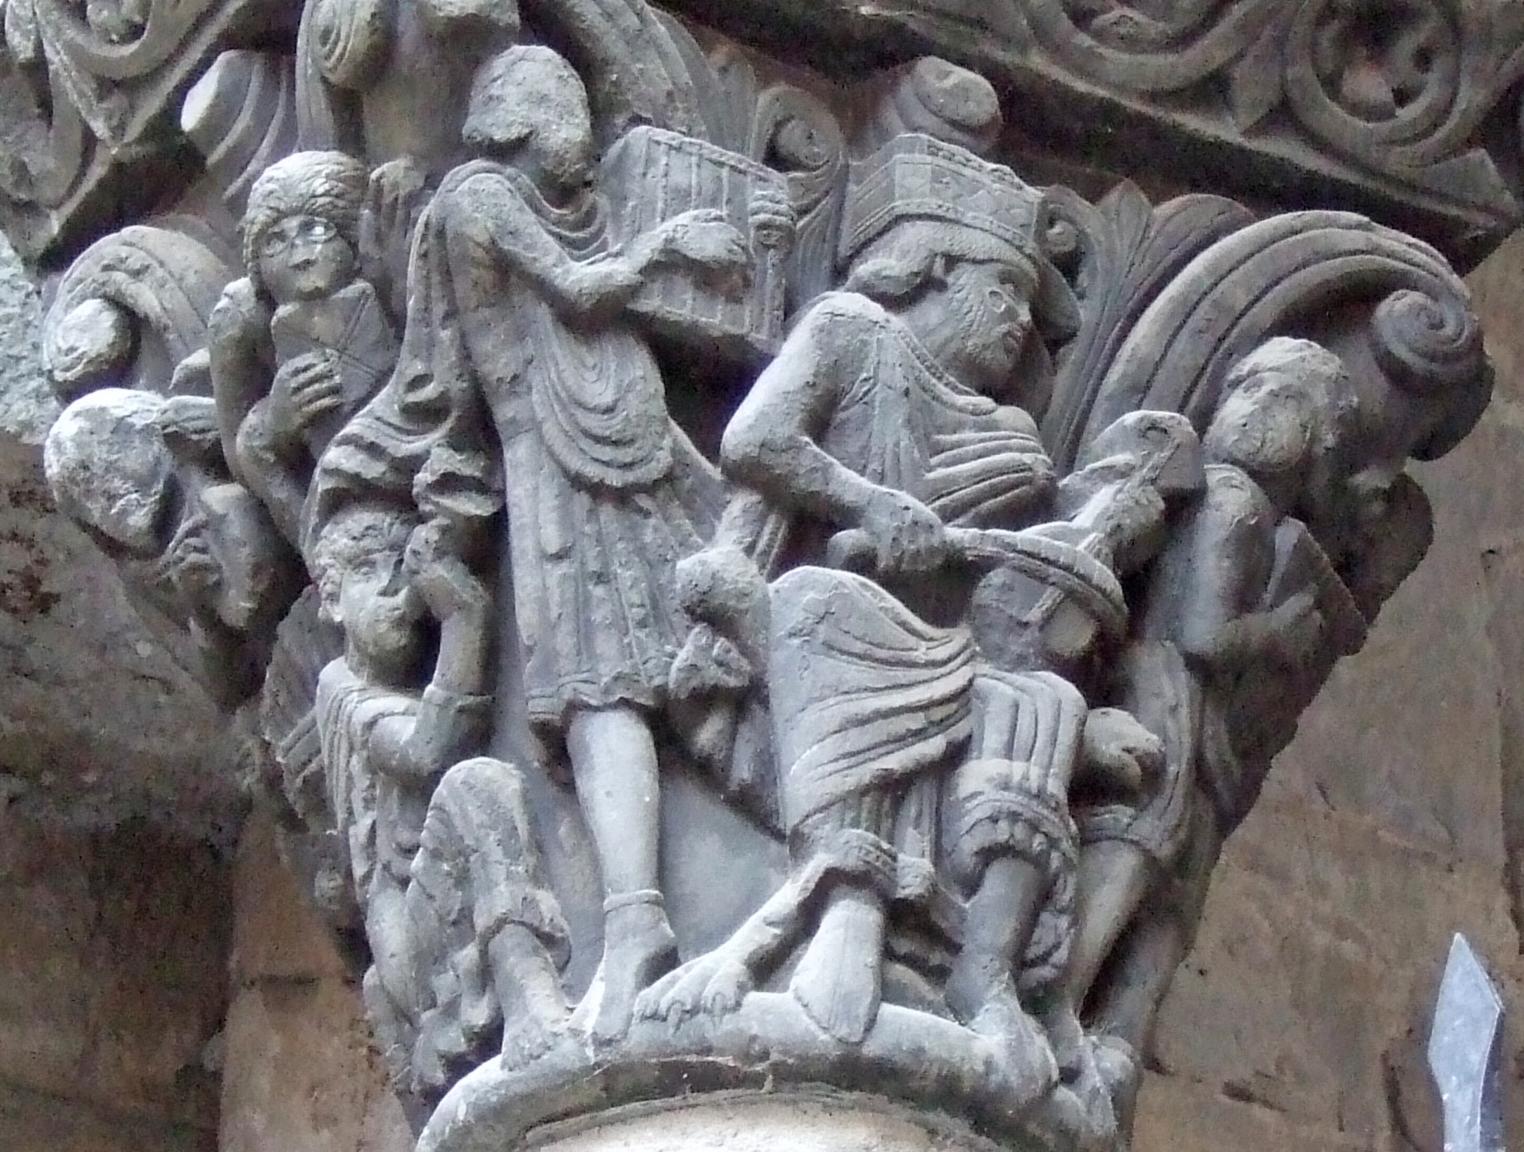 Capitel medieval de la Catedral de Jaca. El capitel muestra al rey David tocando la viola de arco o el rabel, rodeado por diversos músicos.